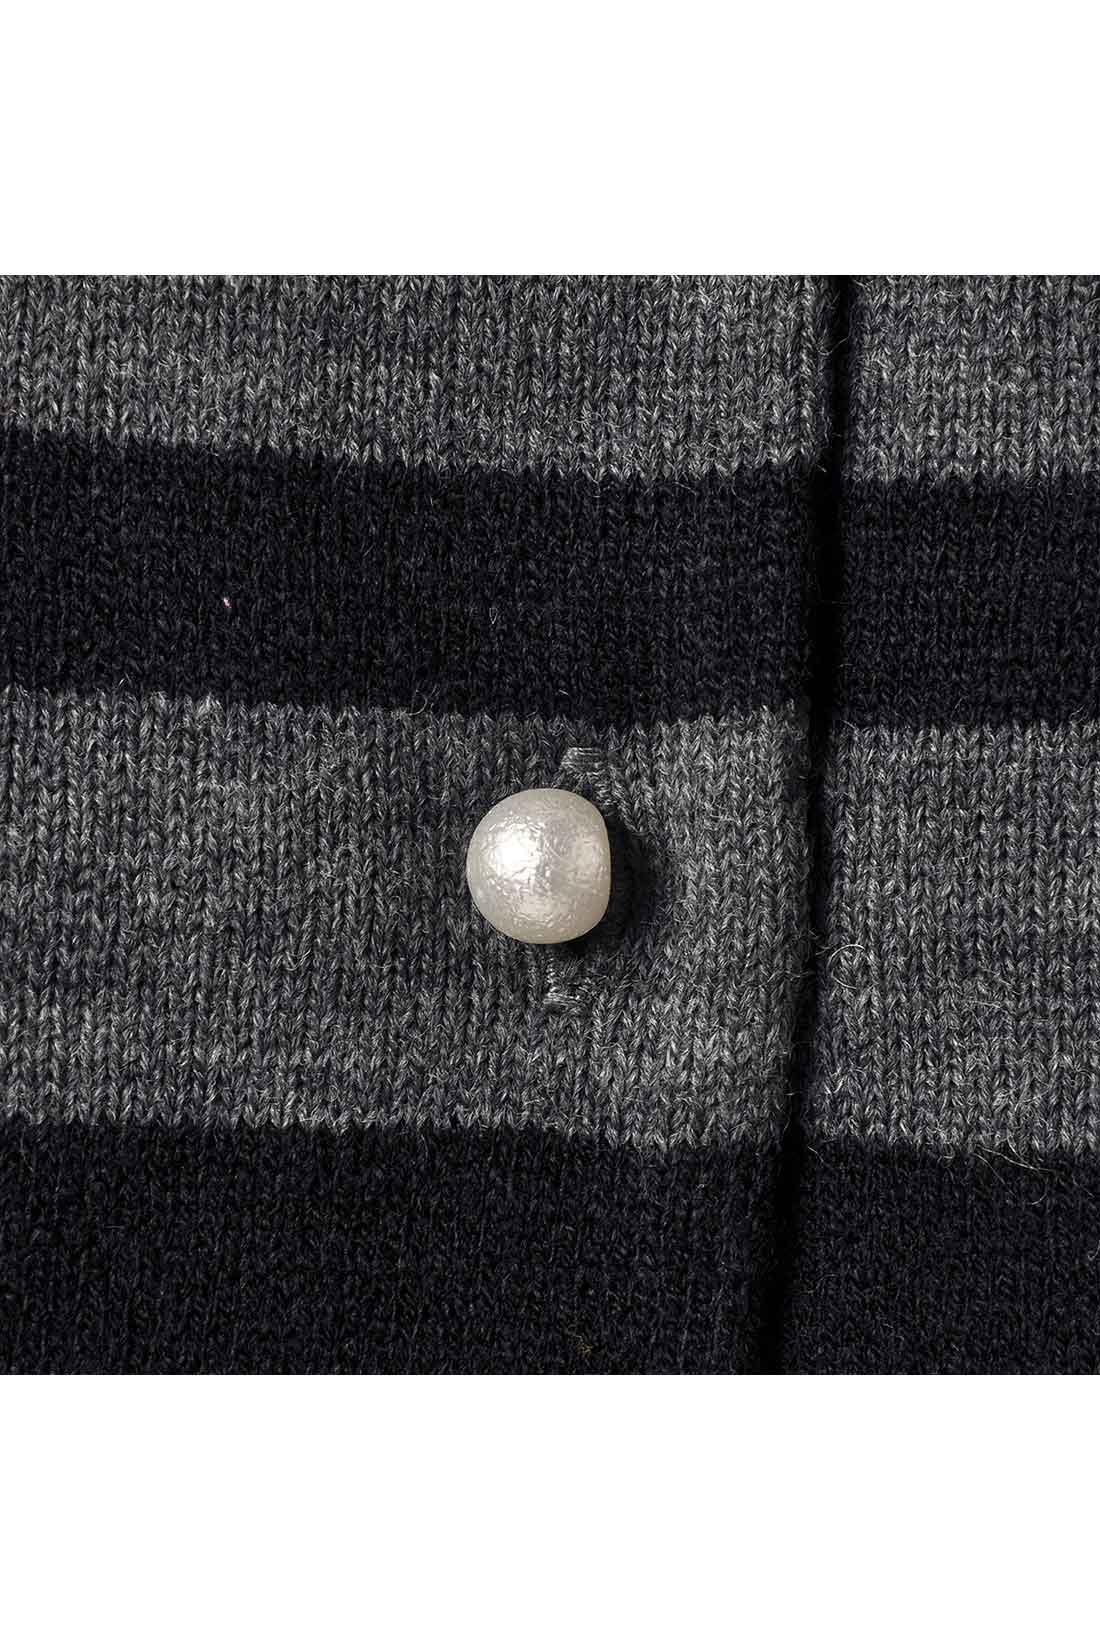 コットンパール調のボタンも上品キュート。